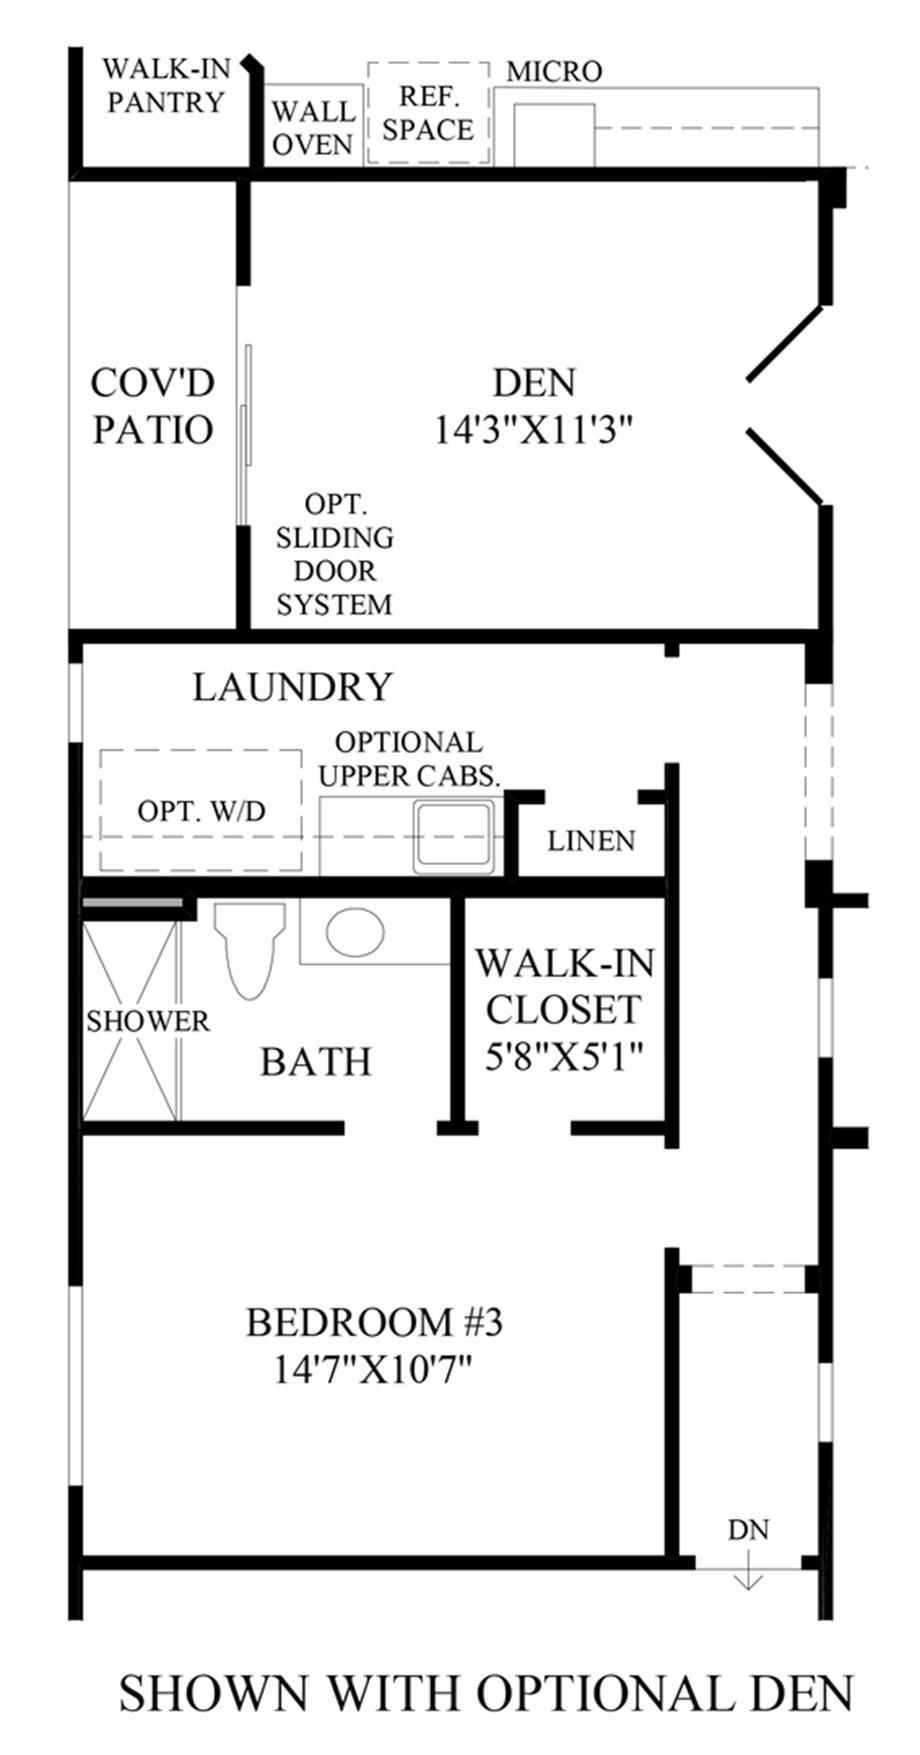 Optional Den Floor Plan